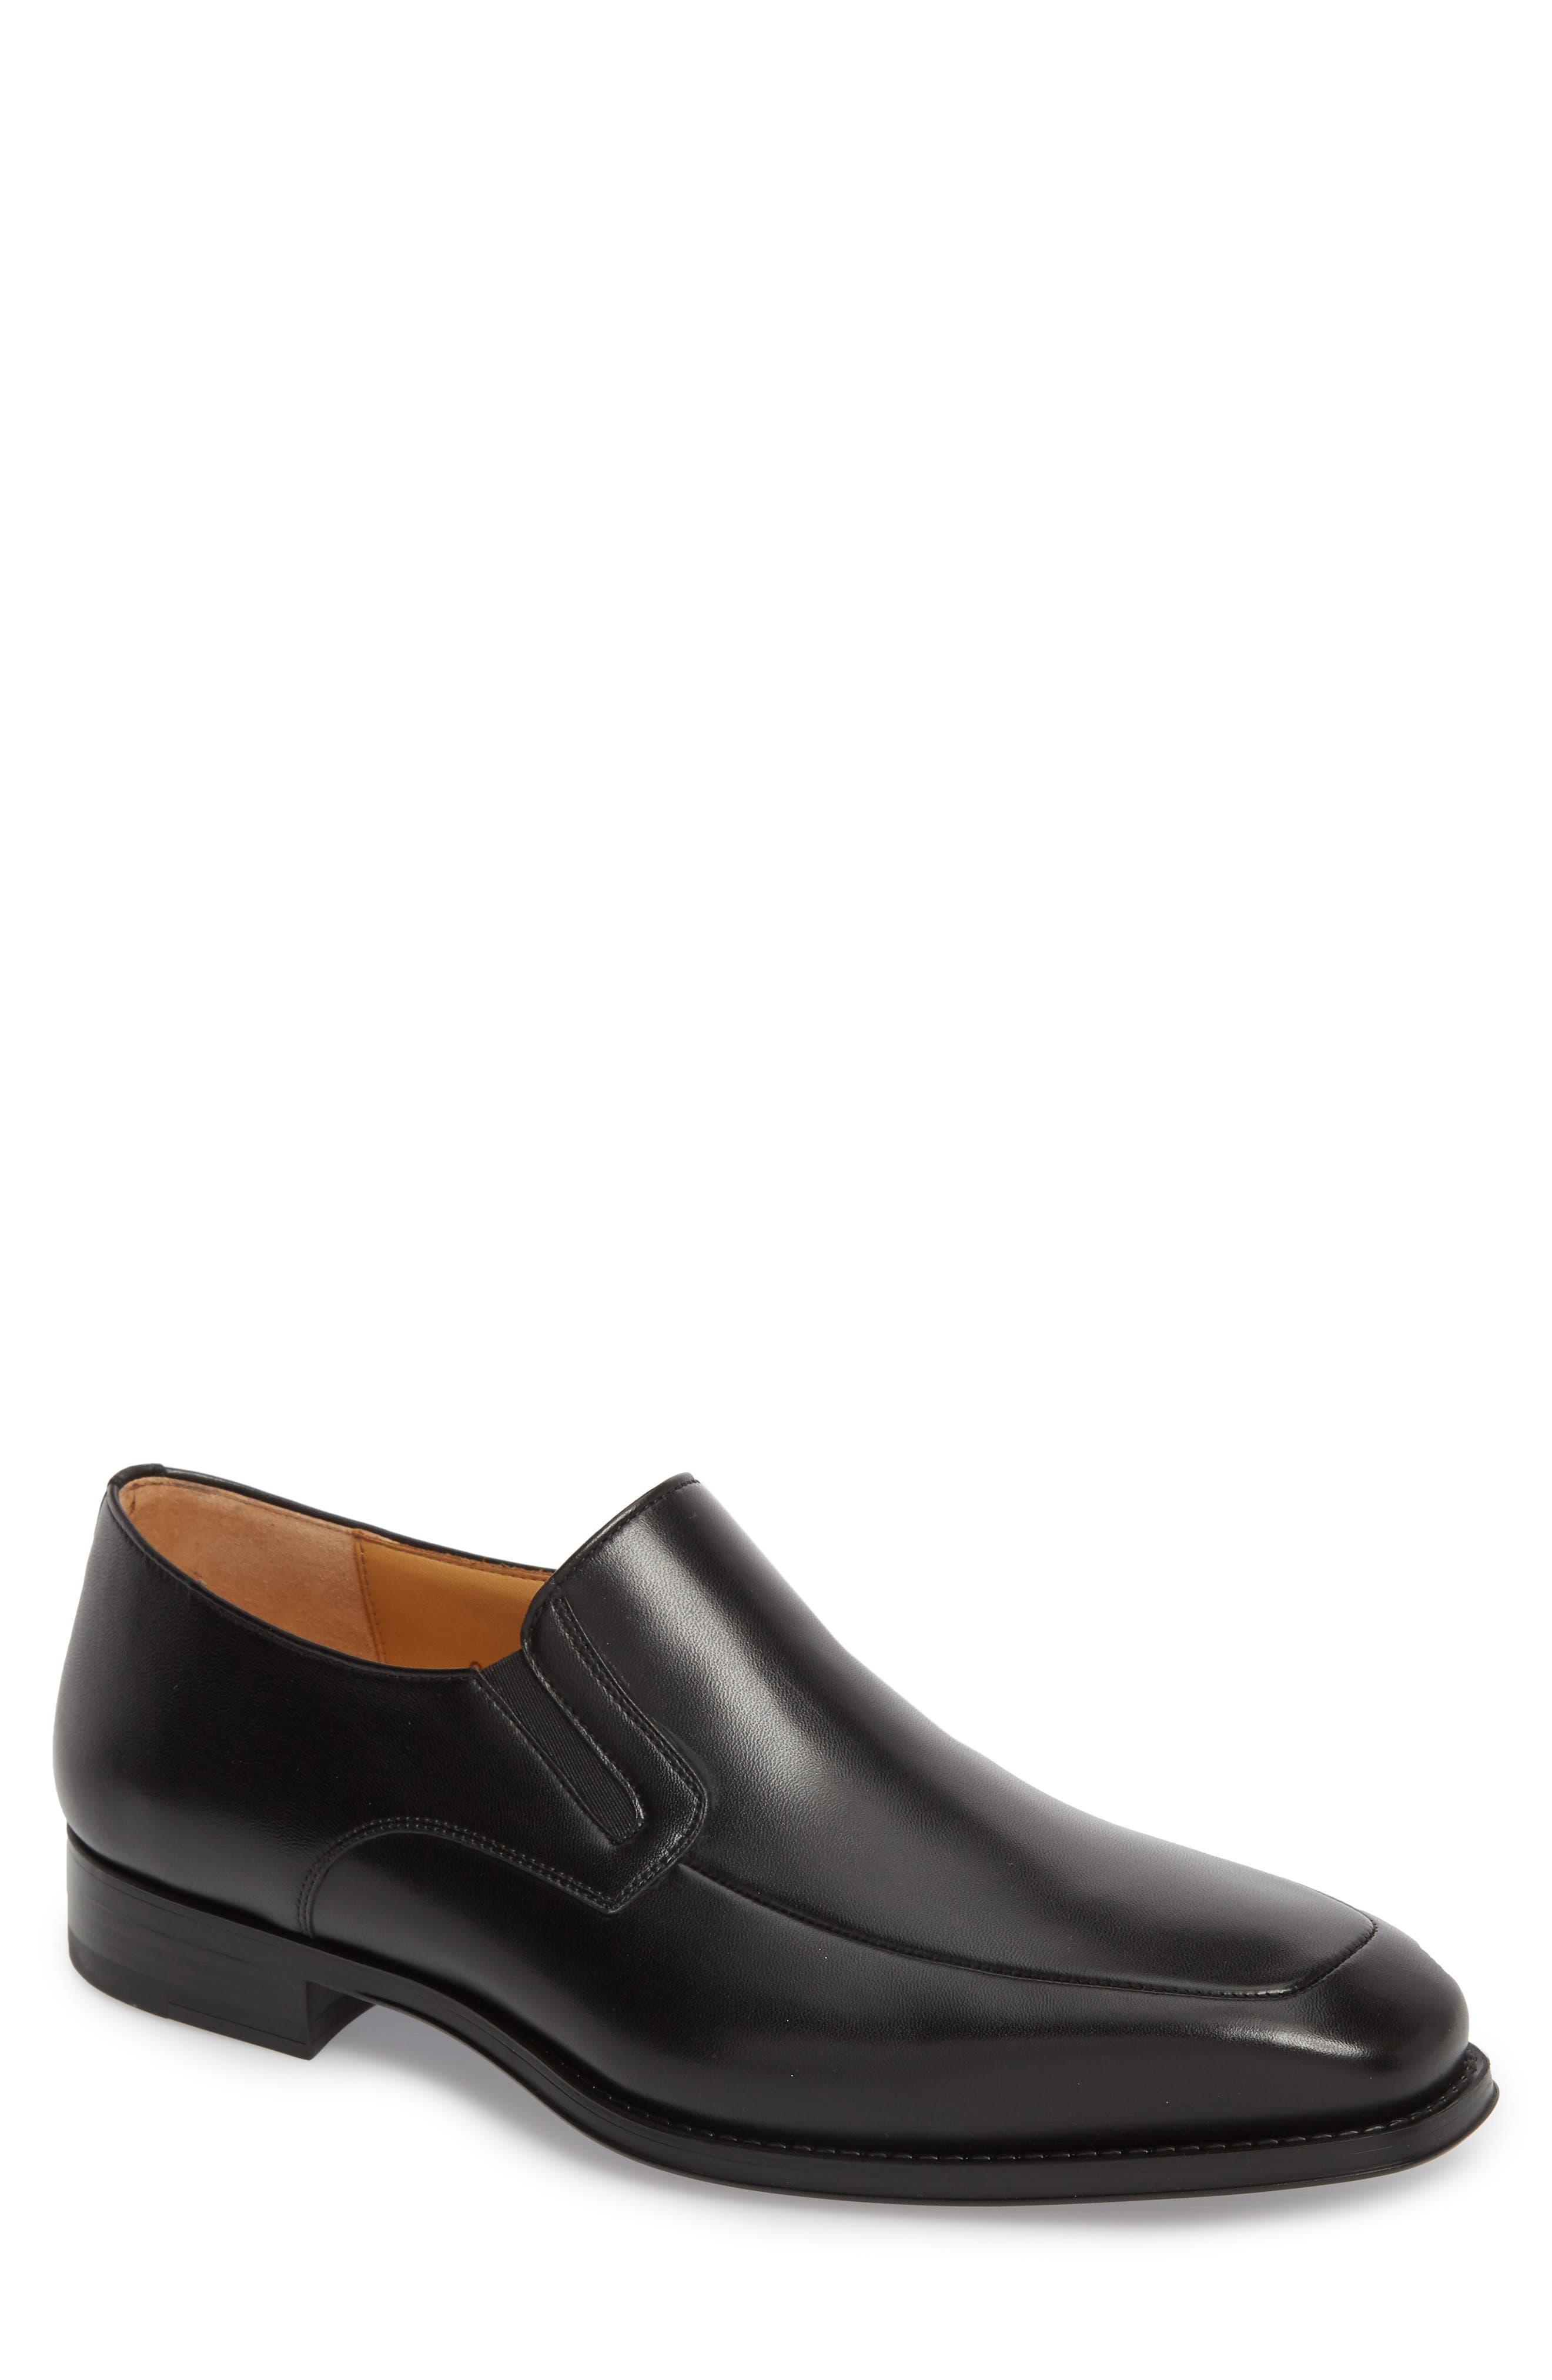 Fabricio Apron Toe Slip-On,                             Main thumbnail 1, color,                             Black Leather